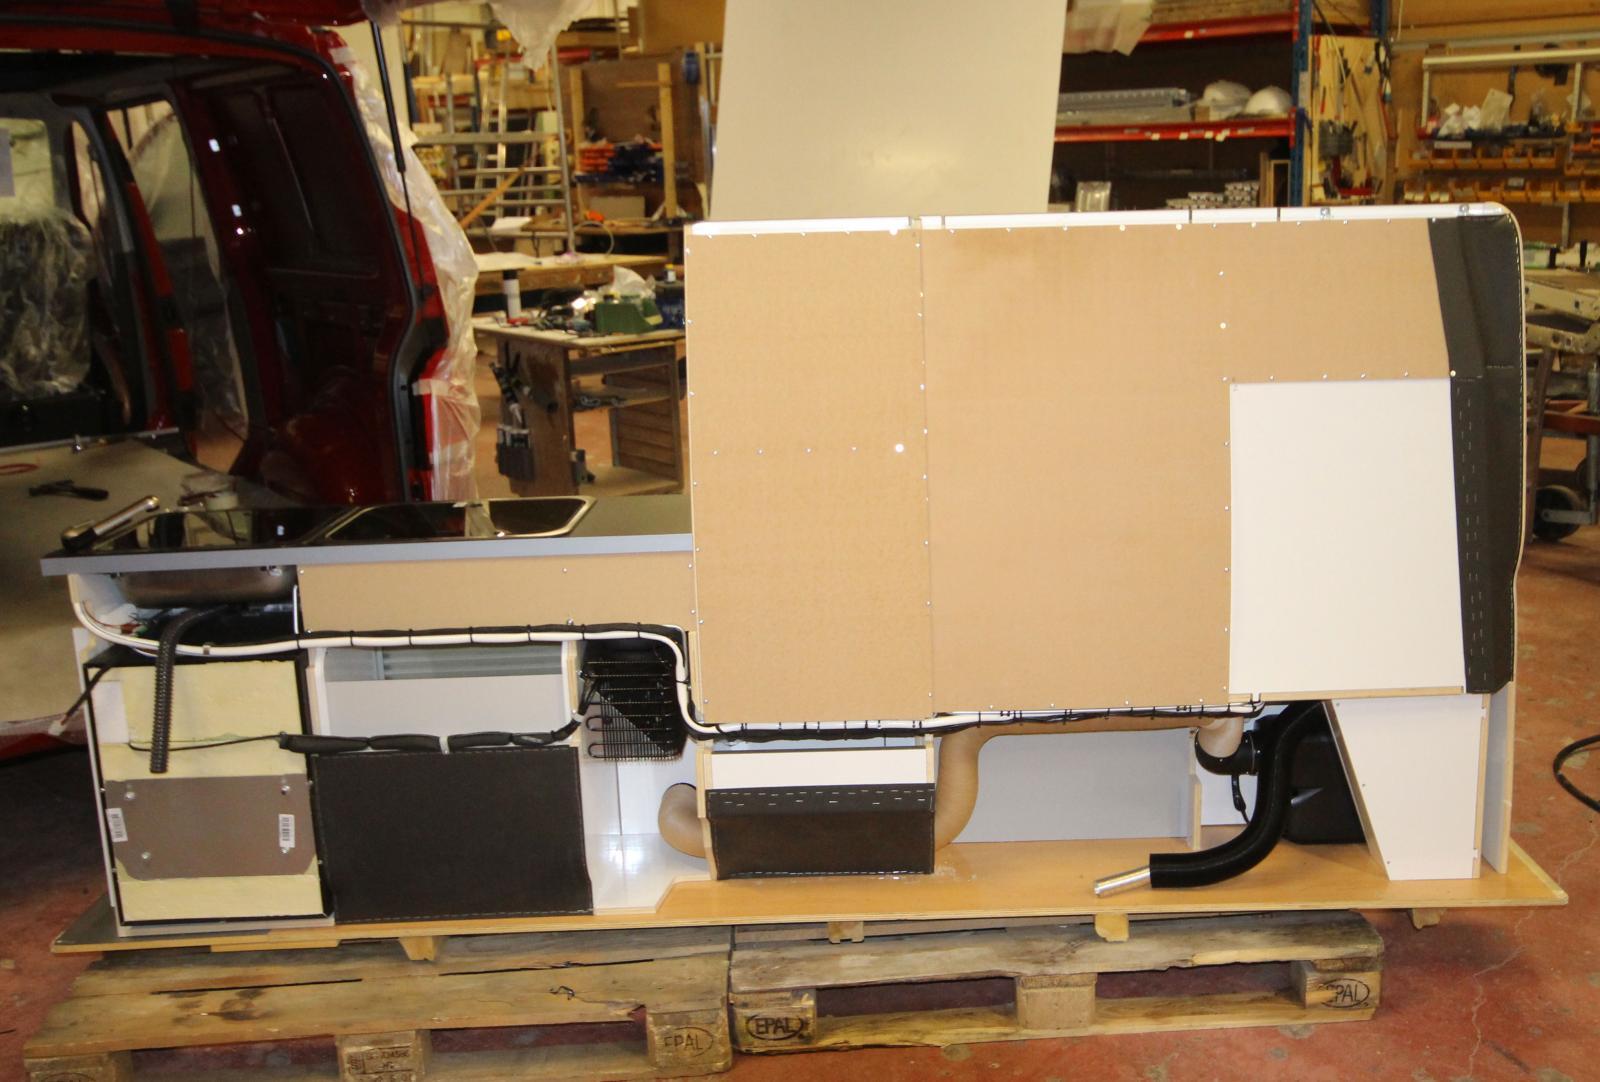 Inredningen är skräddarsydd för olika basfordon och monteras av Nordic.